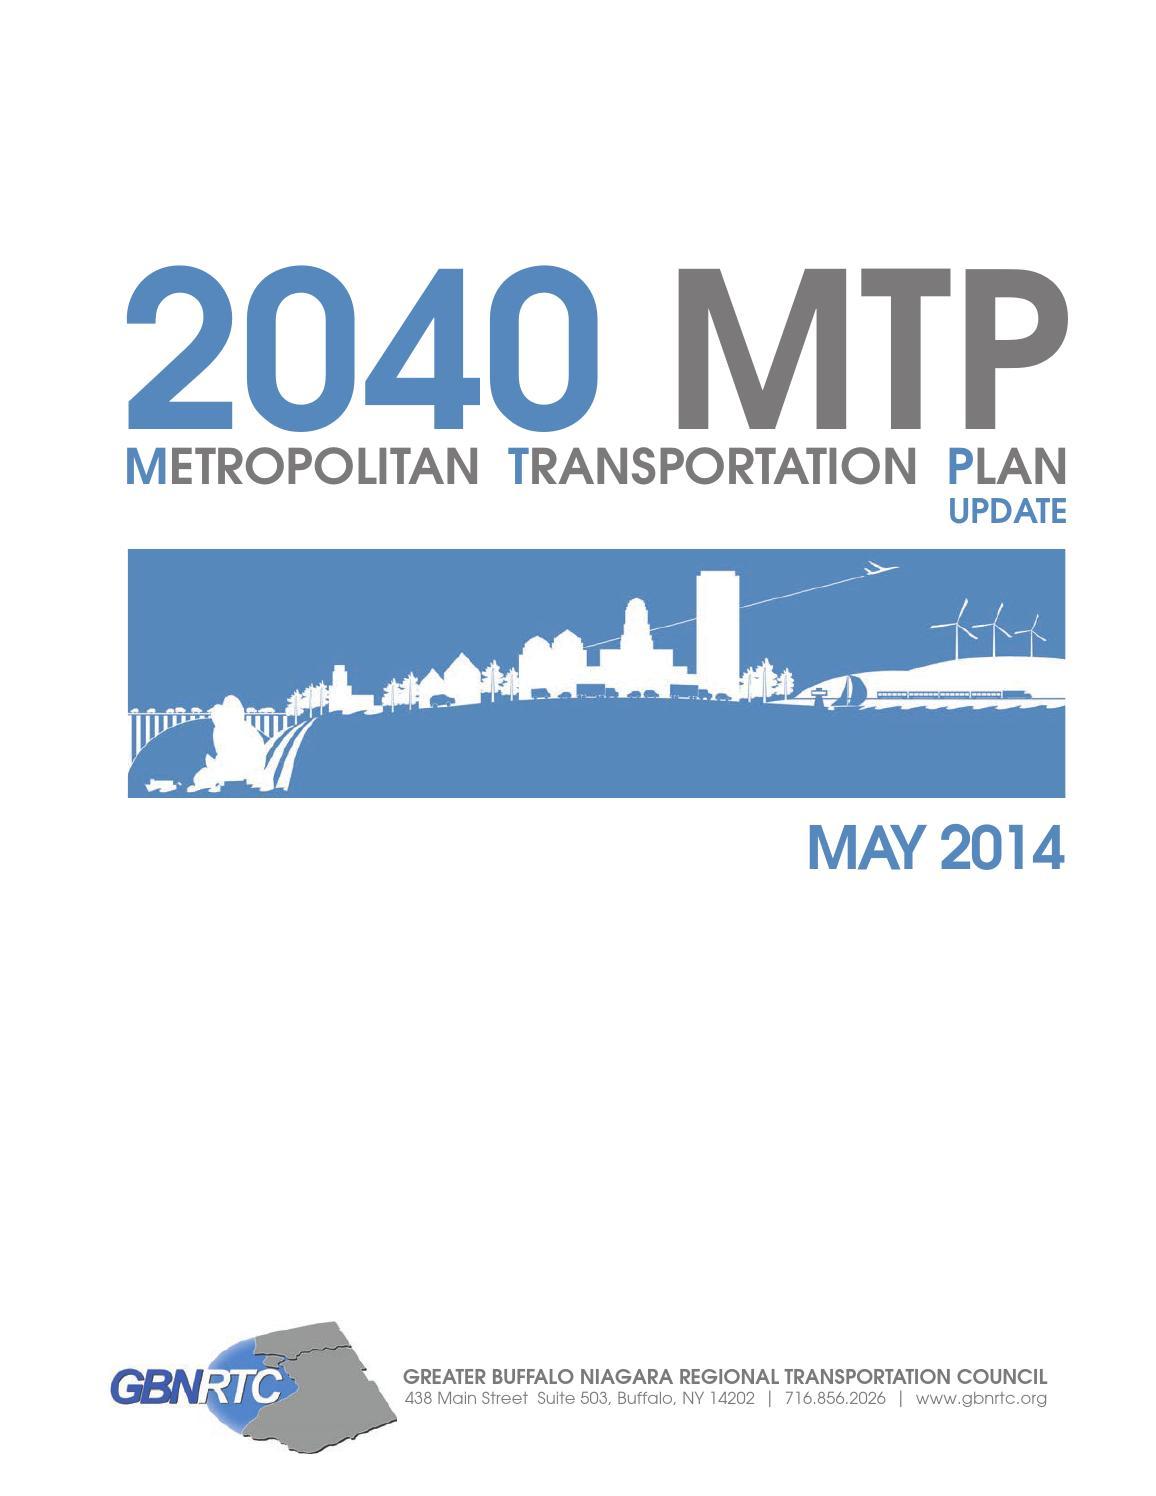 GBNRTC 2040 MTP Update Final by GBNRTC - issuu